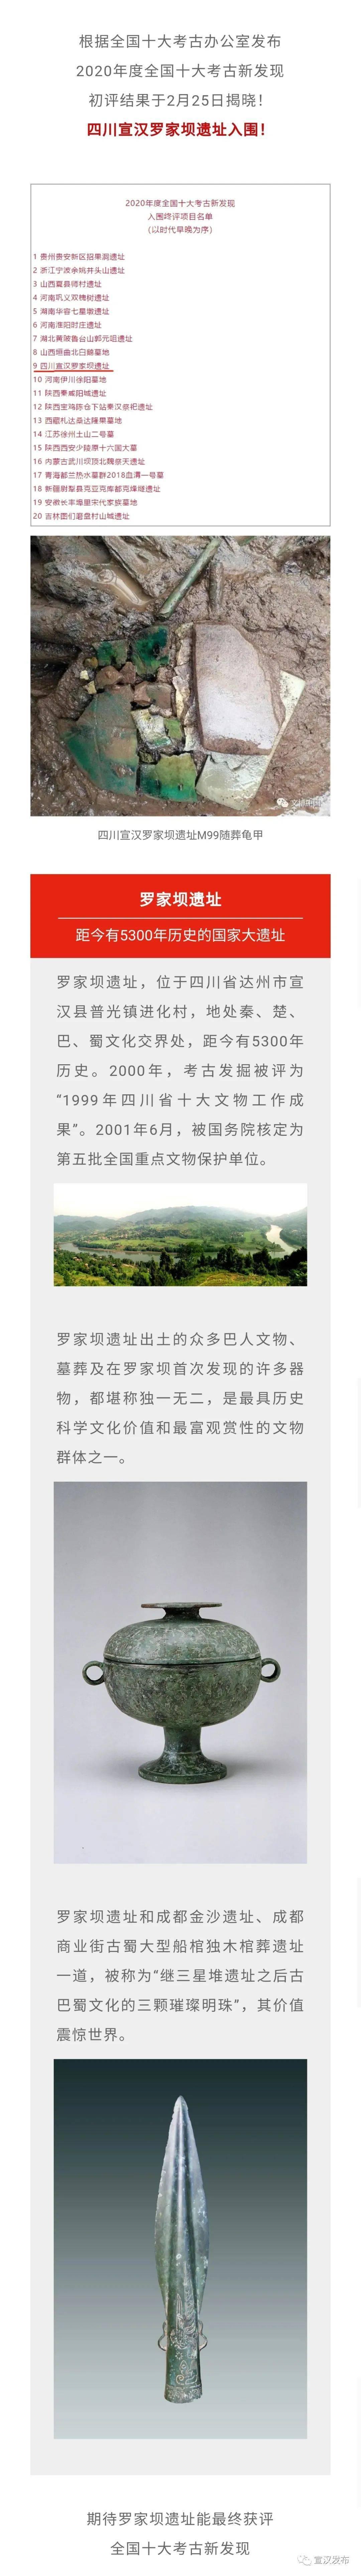 2020全国十大考古新发现初评揭晓,宣汉罗家坝遗址入围